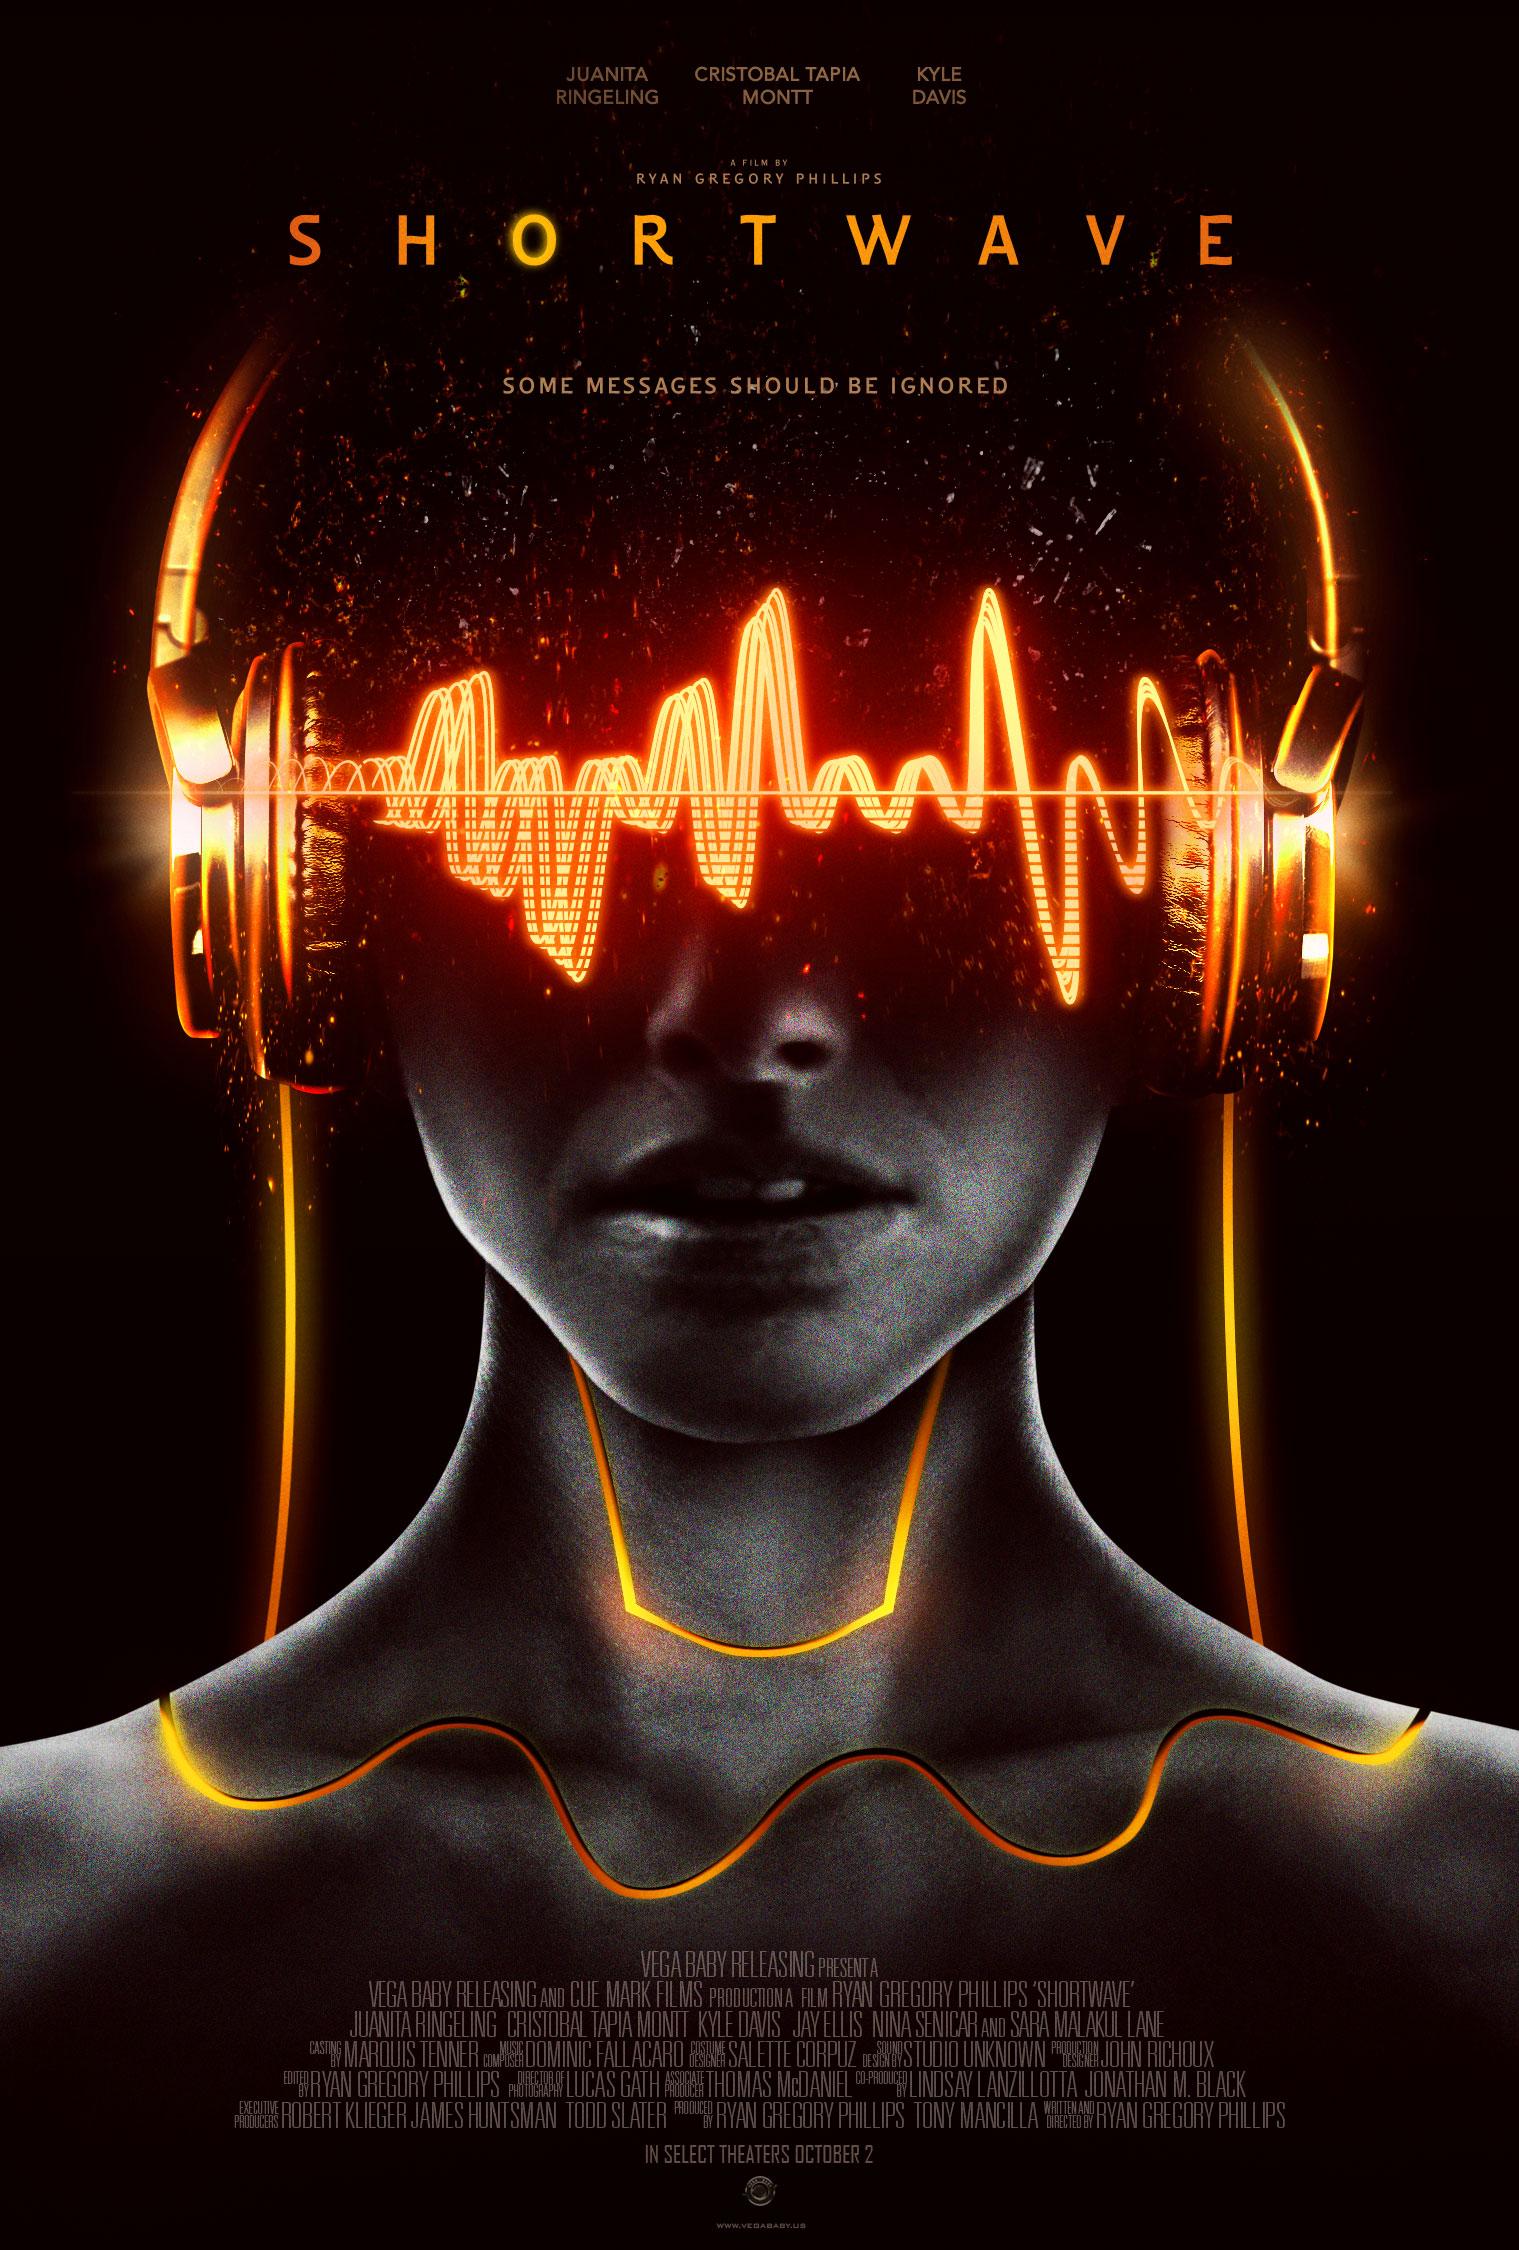 Kyle Davis, Jay Ellis, Sara Malakul Lane, Cristobal Tapia Montt, and Juanita Ringeling in Shortwave (2016)